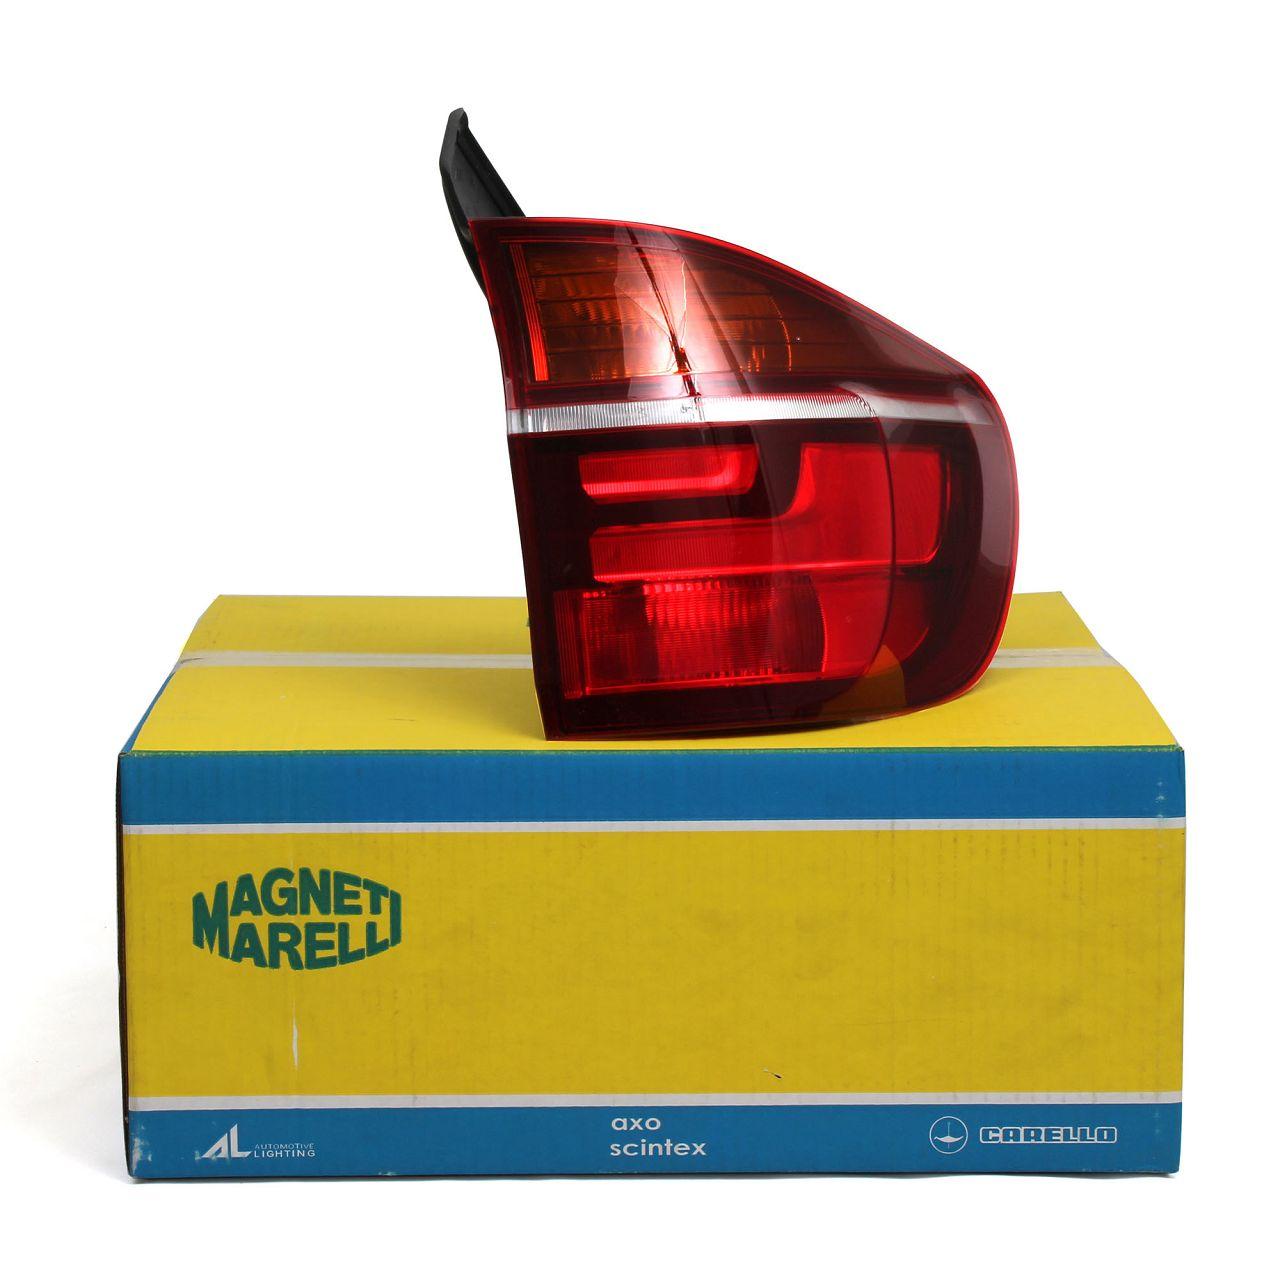 MAGNETI MARELLI Heckleuchte für BMW X5 E70 FACELIFT ab 04.2010 AUSSEN RECHTS